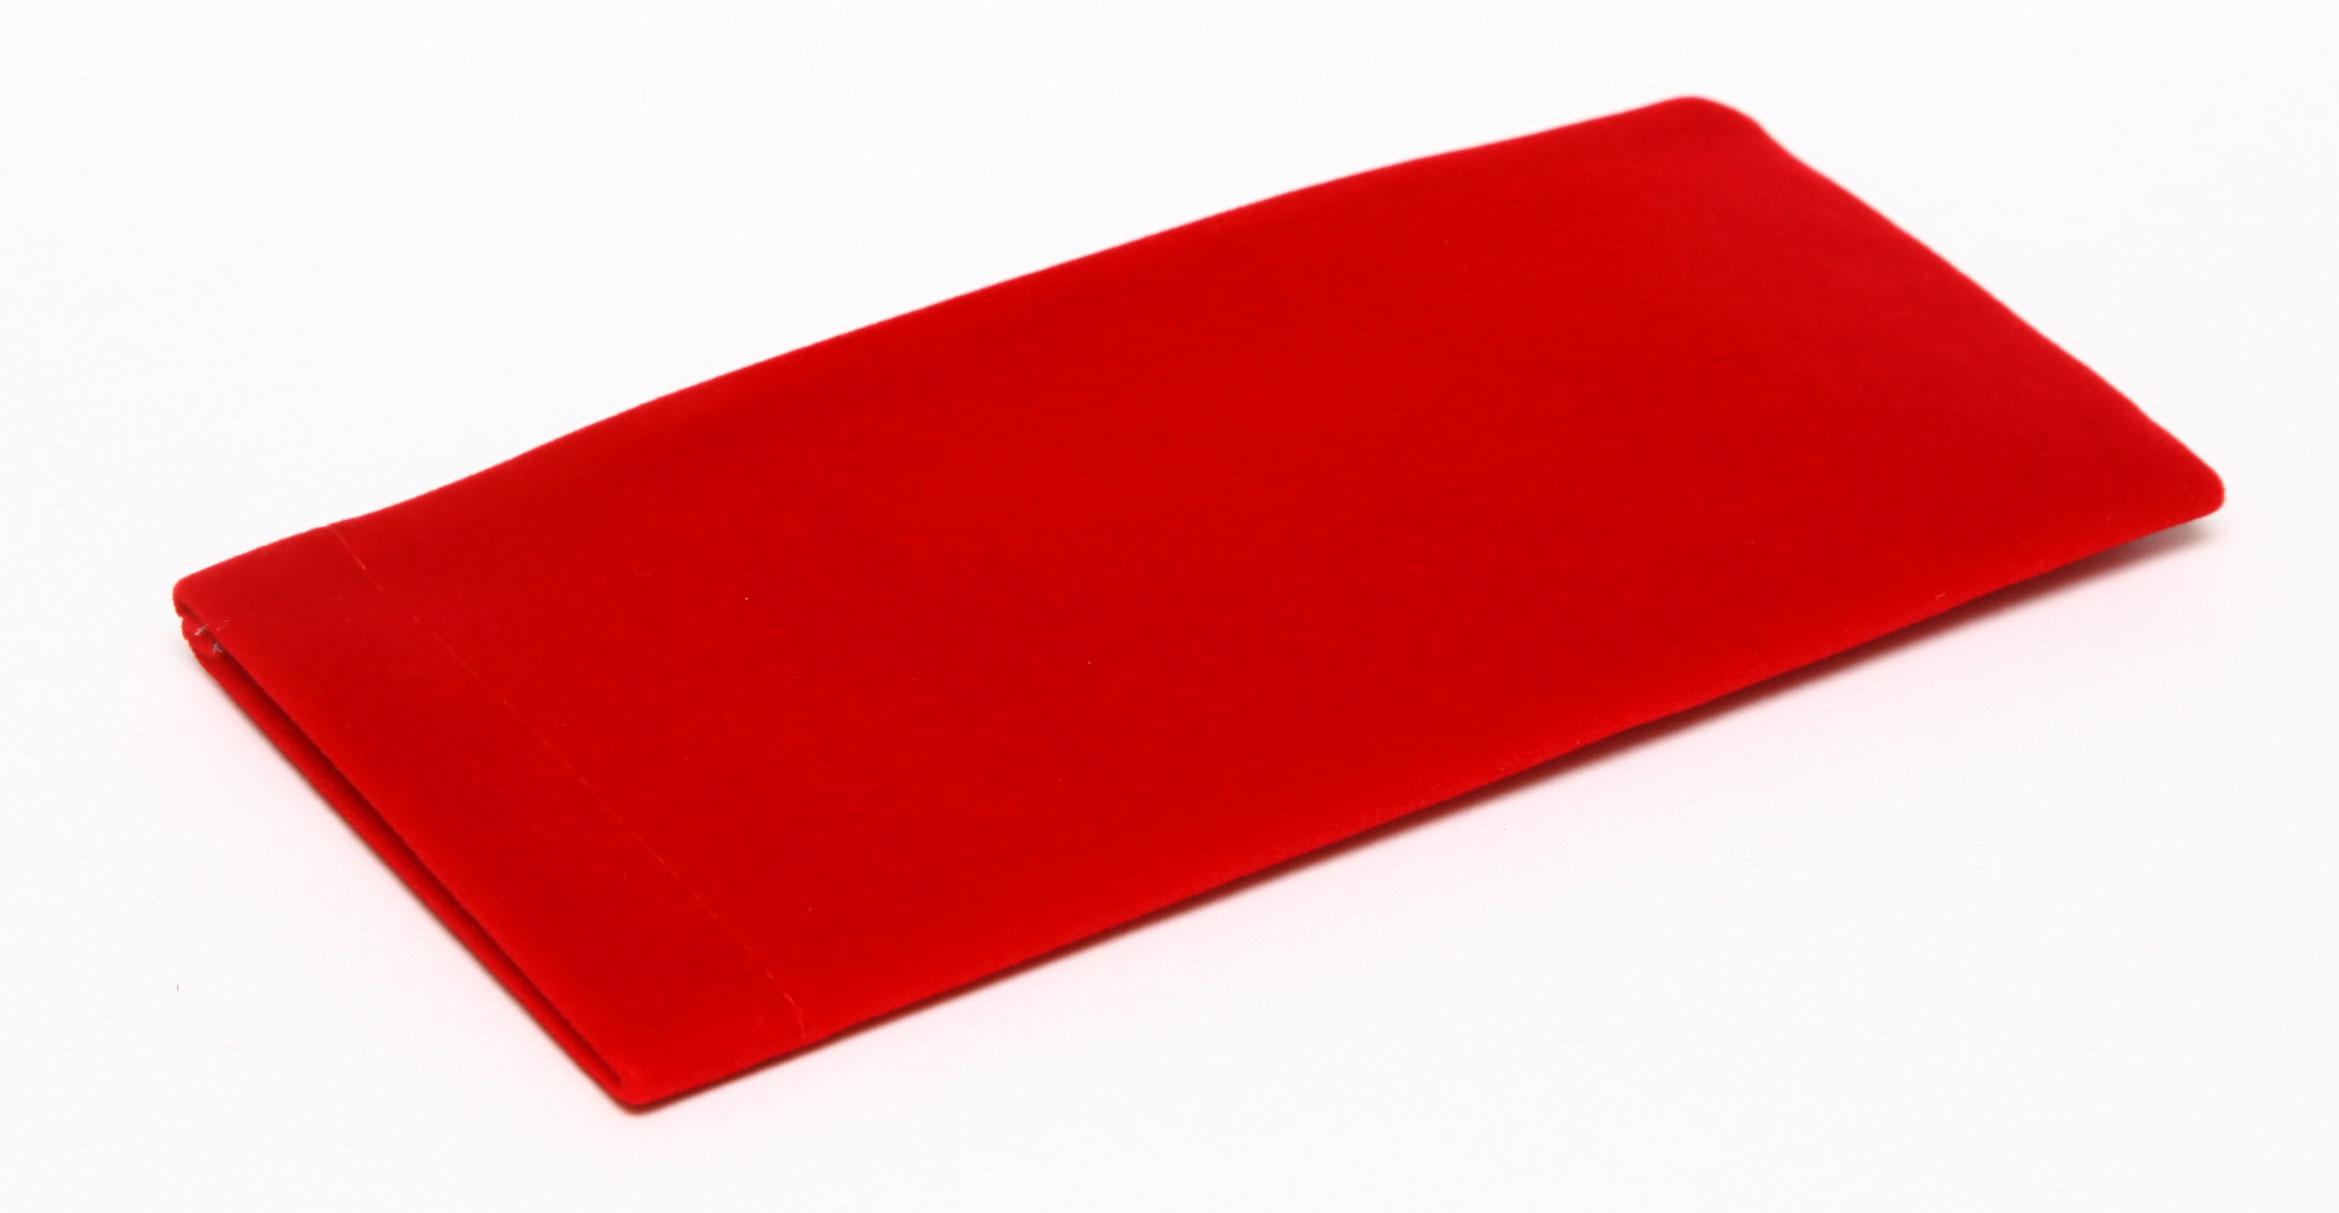 Proffi Home Футляр для очков Fabia Monti текстильный, мягкий, широкий, цвет: красныйPH6736Футляр для очков сочетает в себе две основные функции: он защищает очки от механического воздействия и служит стильным аксессуаром, играющим эстетическую роль.